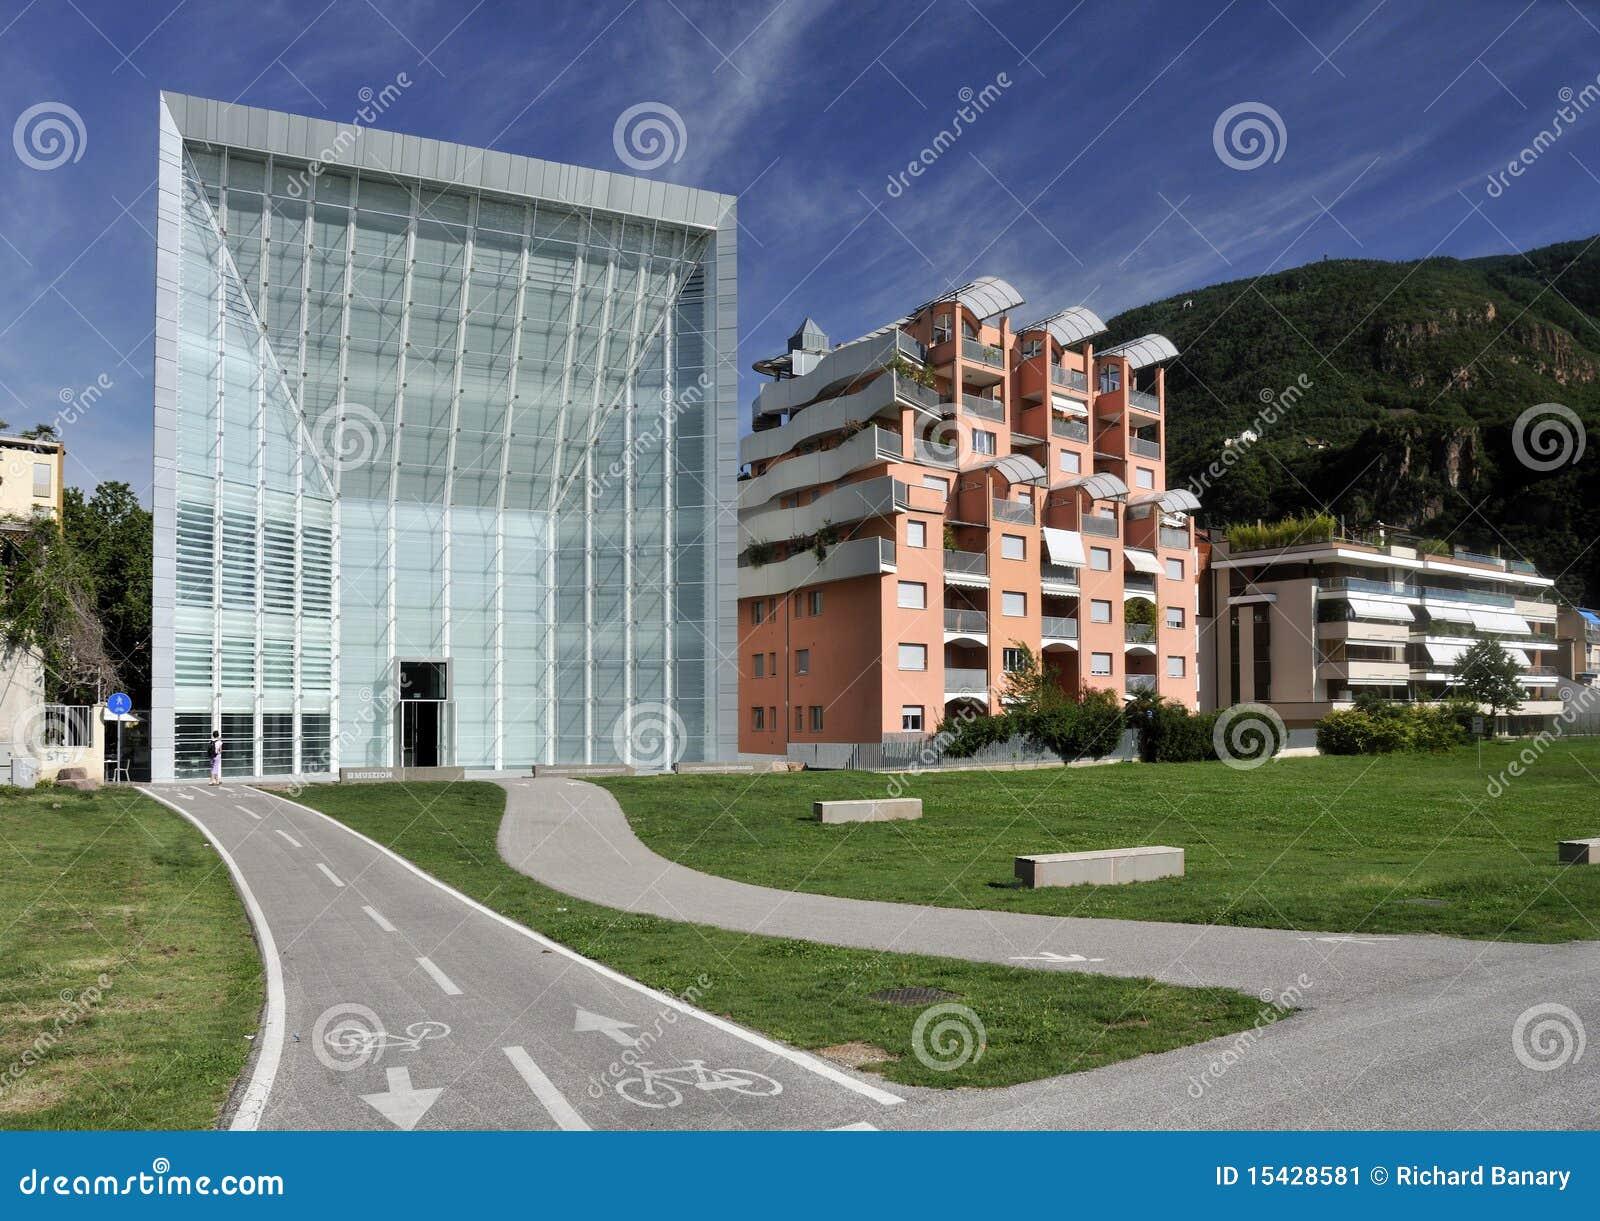 Museion in Bolzano